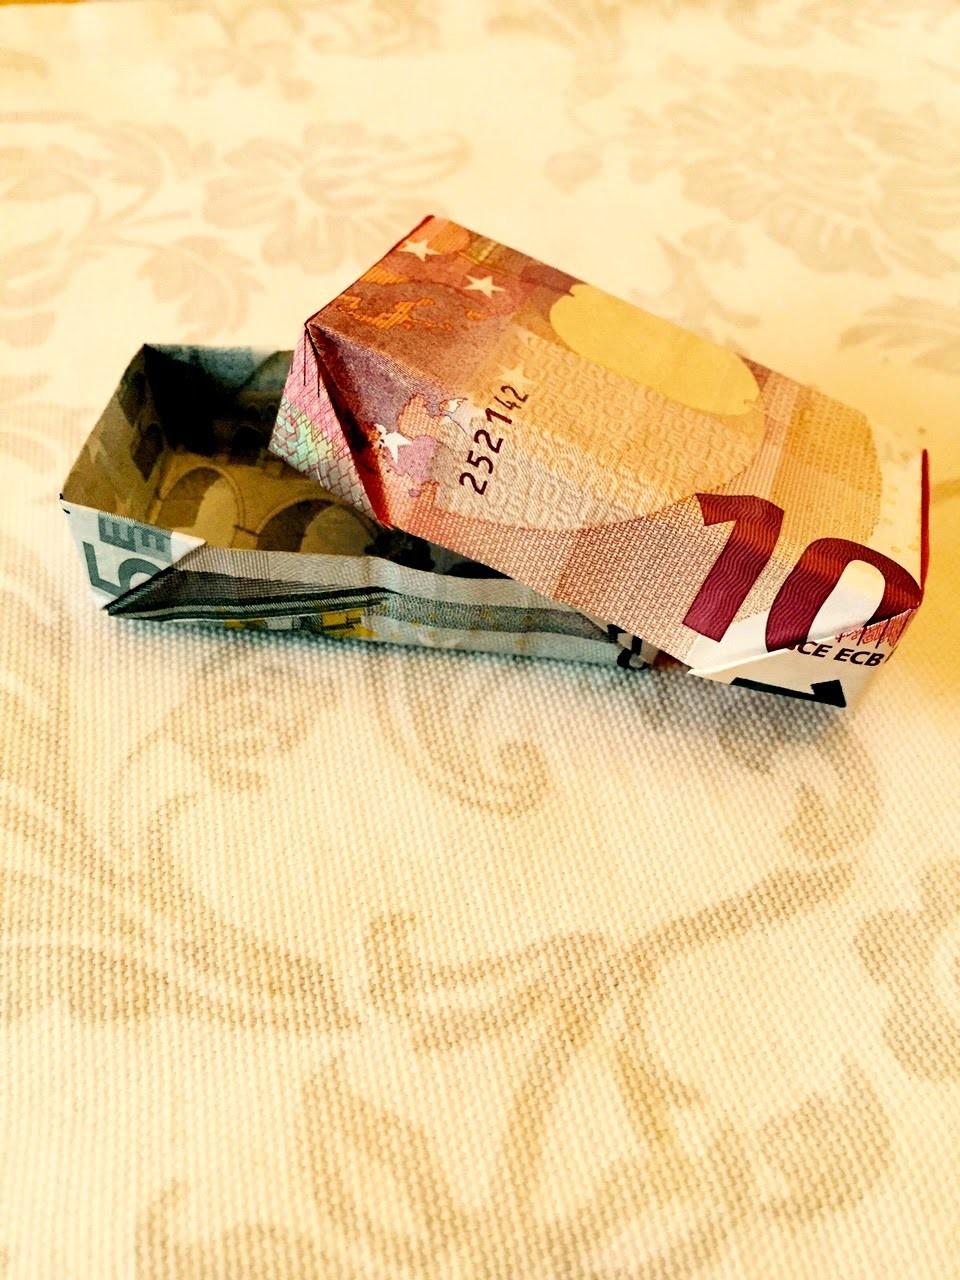 Kiste aus Geld falten - Päckchen aus Scheinen falten - Origami Geschenke